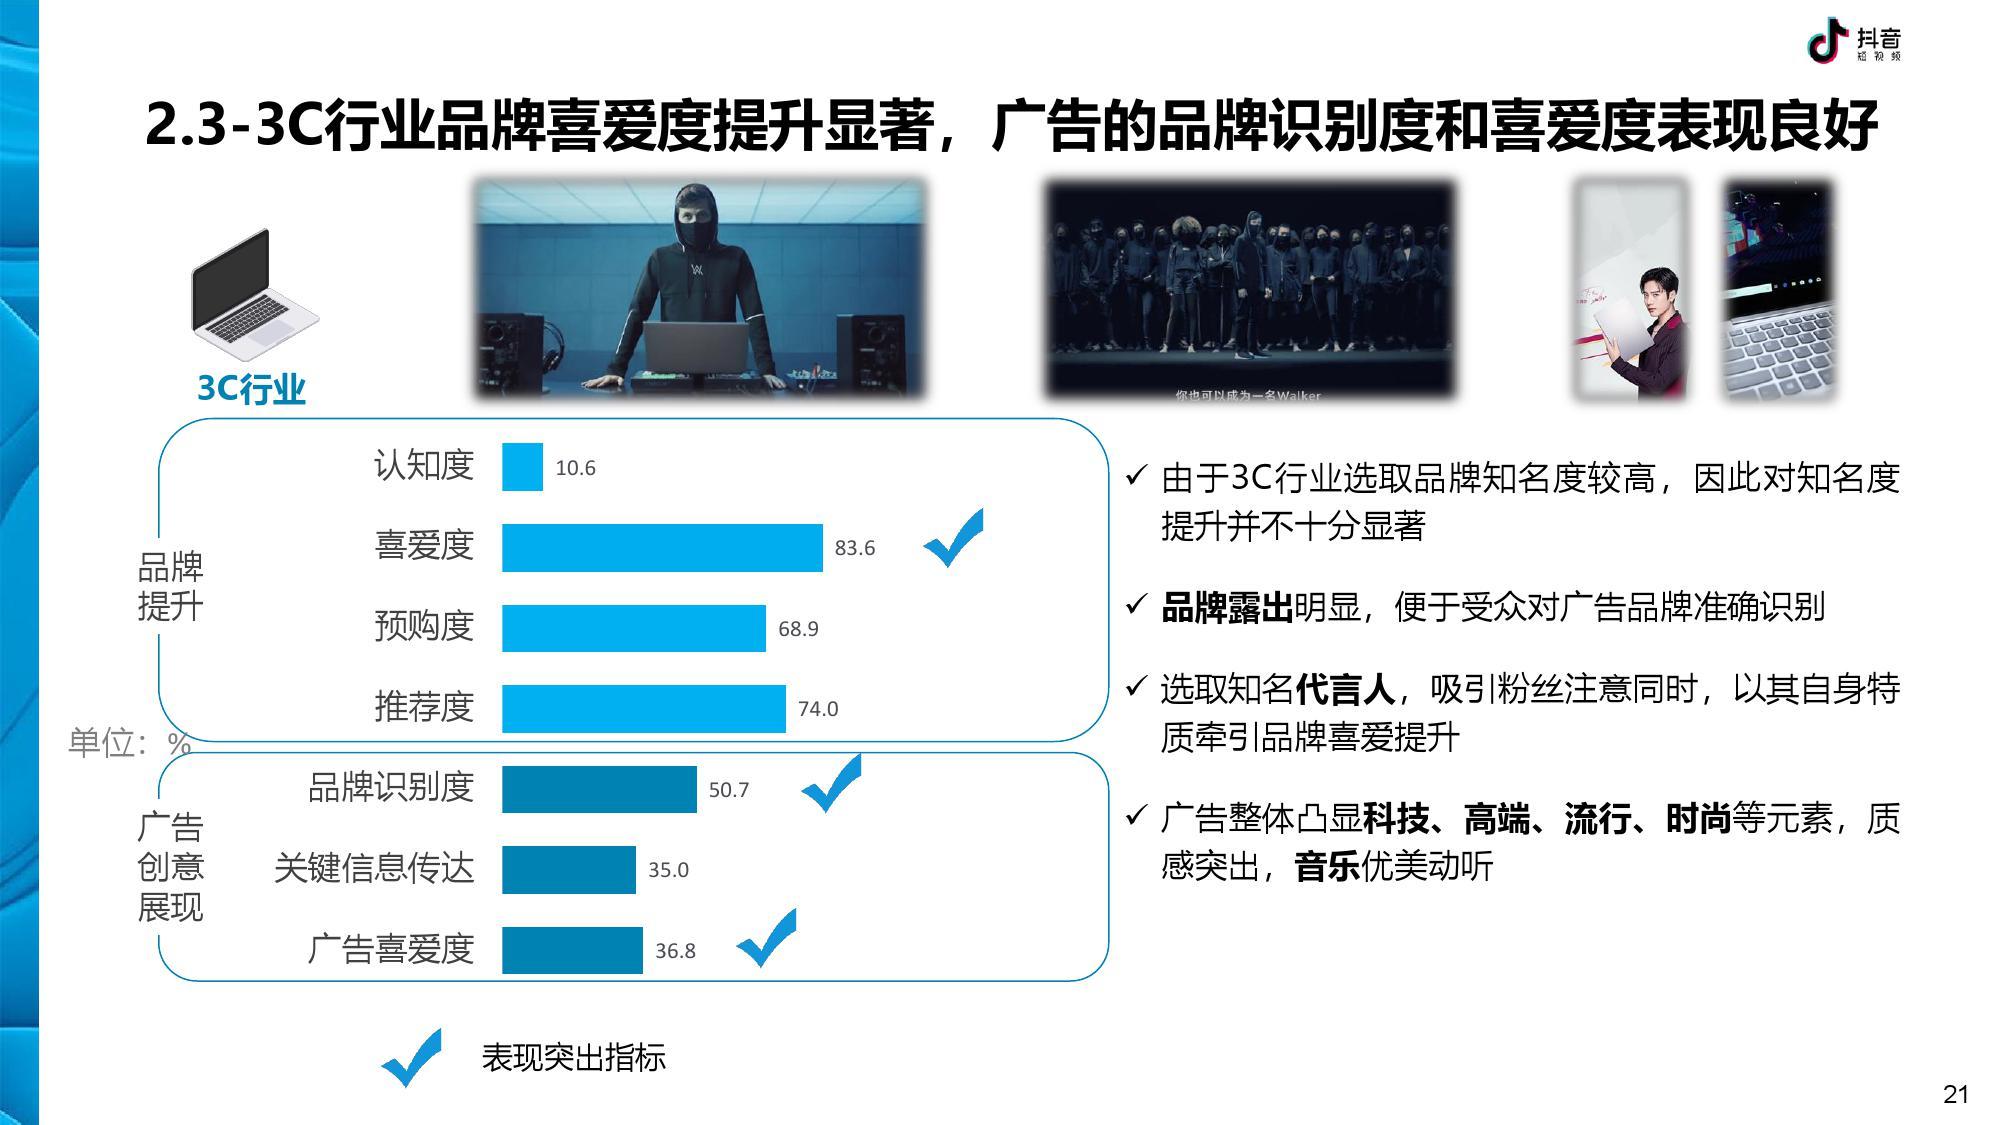 抖音 DTV 广告营销价值白皮书-CNMOAD 中文移动营销资讯 21